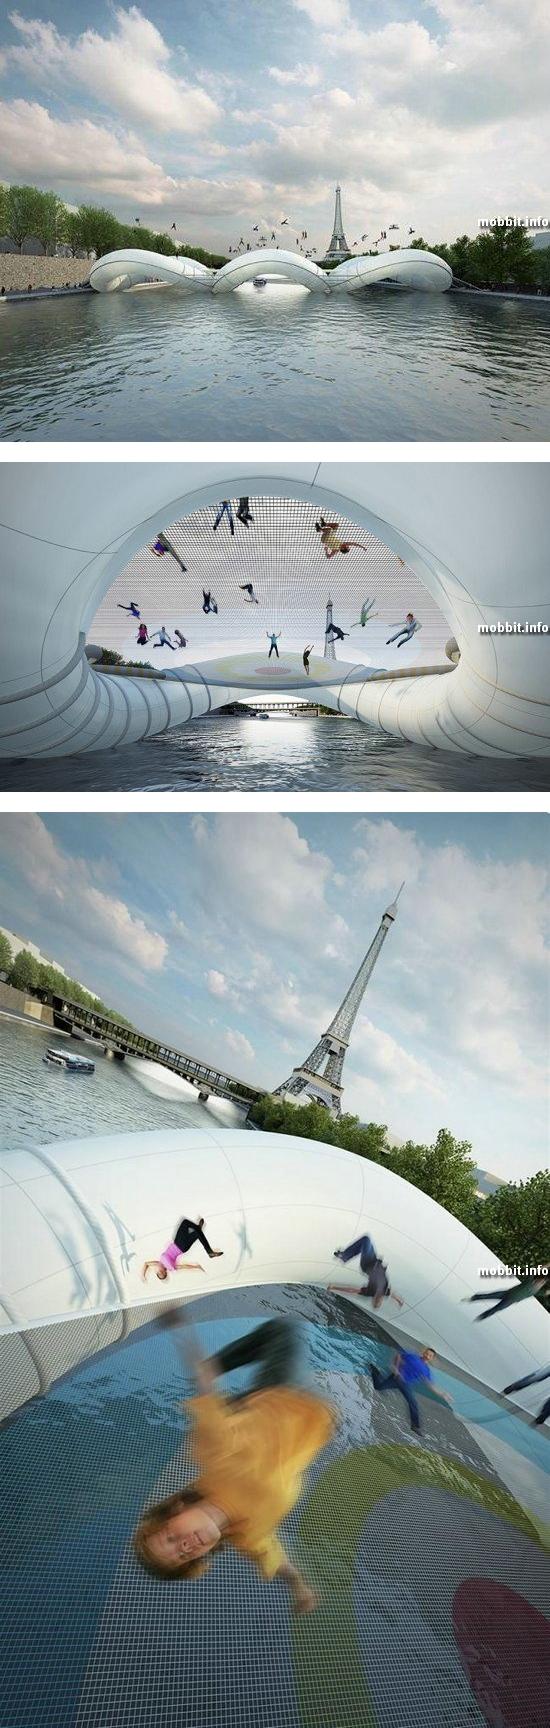 Концептуальный мост-батут для Парижа